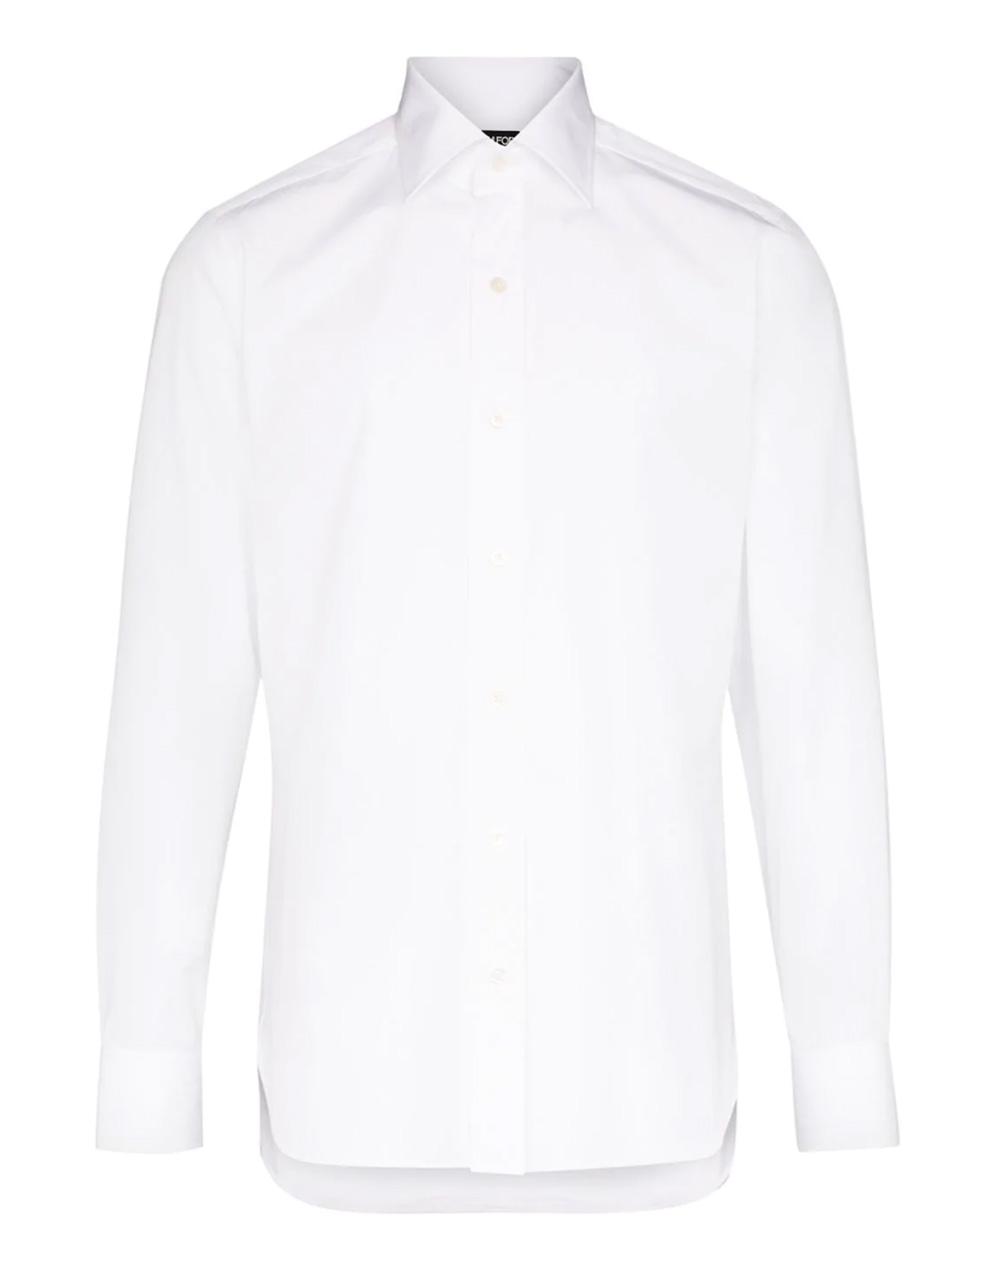 prendas básicas de hombre: la camisa blanca